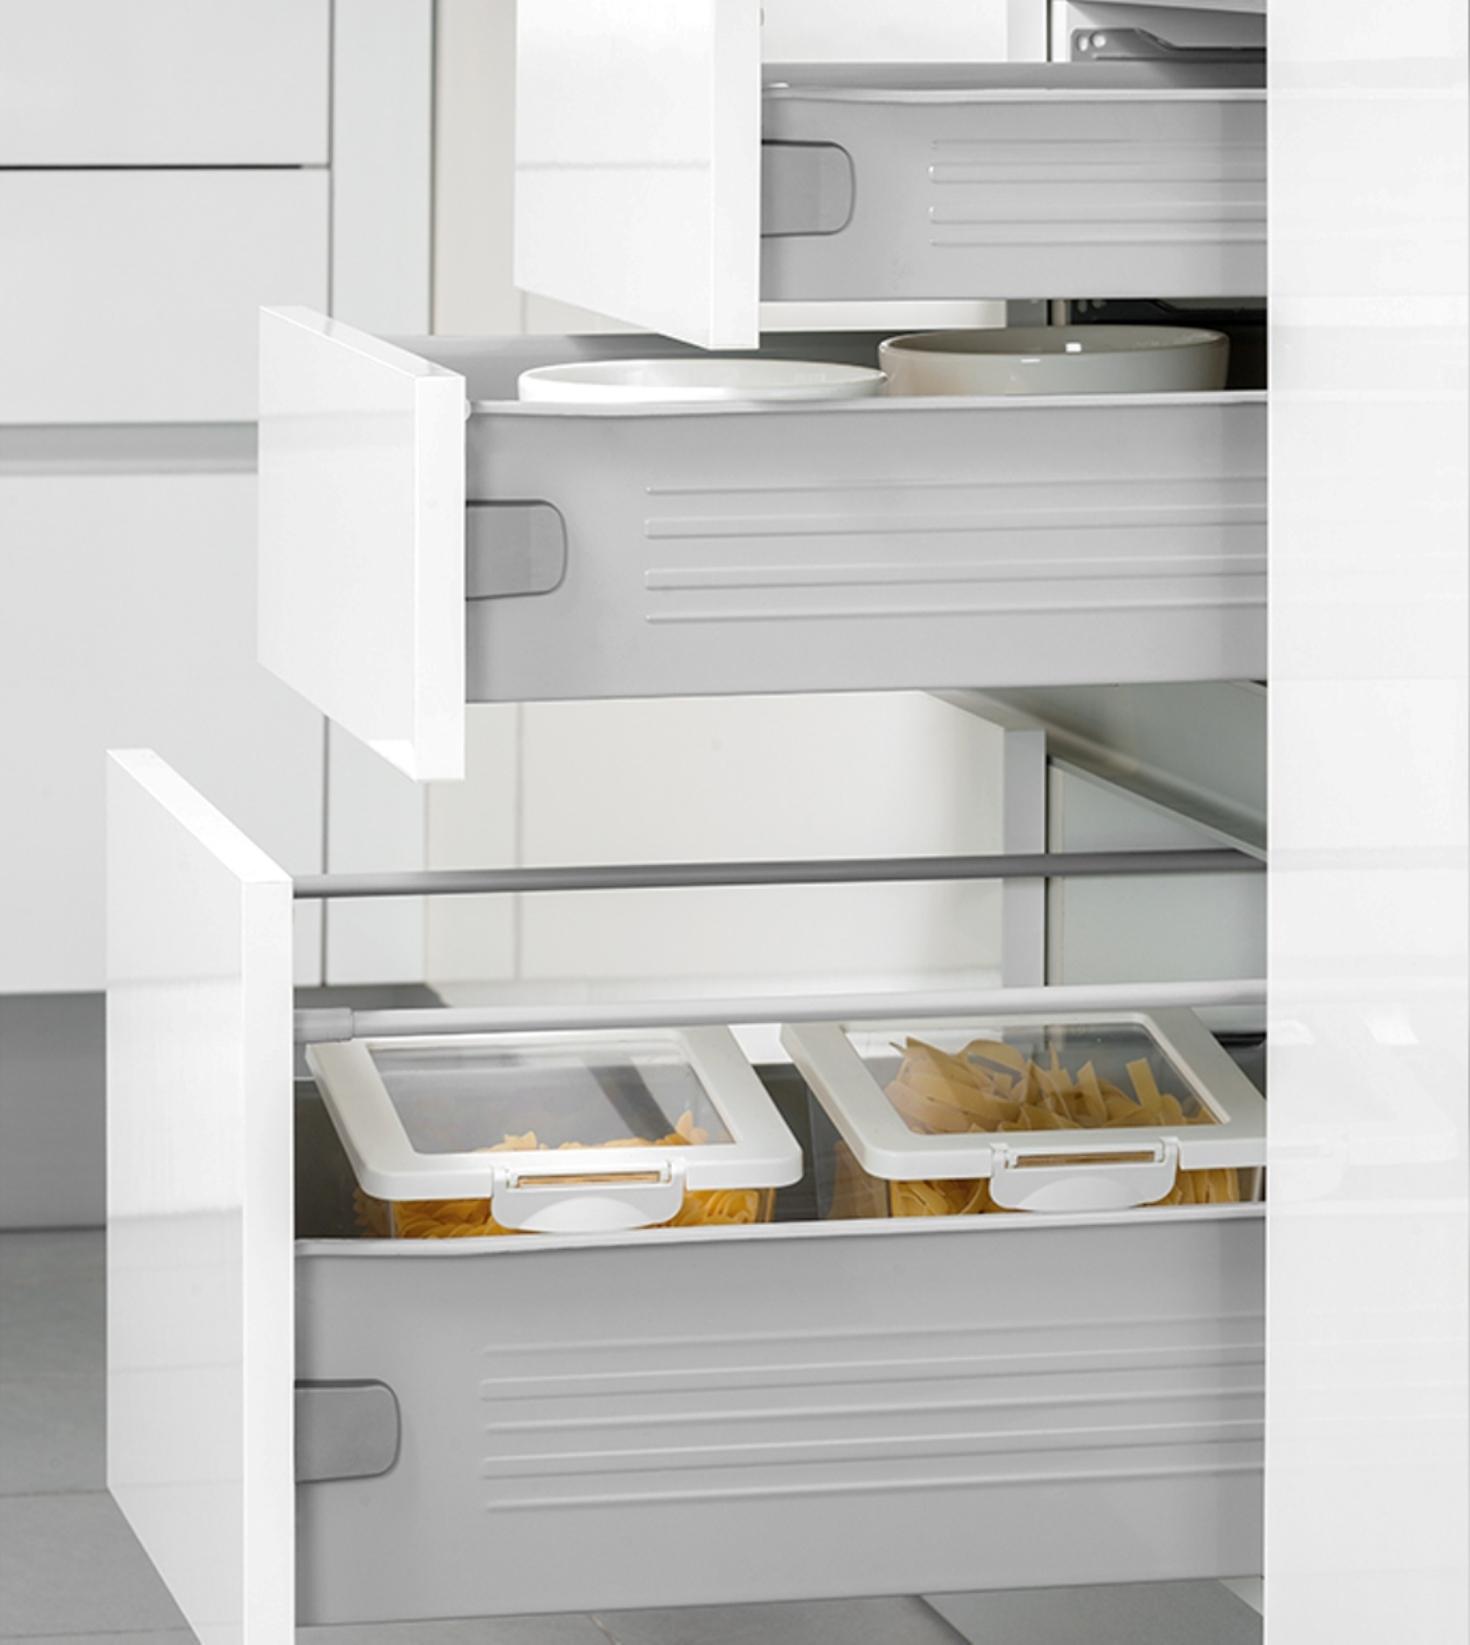 Herrajes extraibles para muebles de cocina - Herrajes para muebles cocina ...